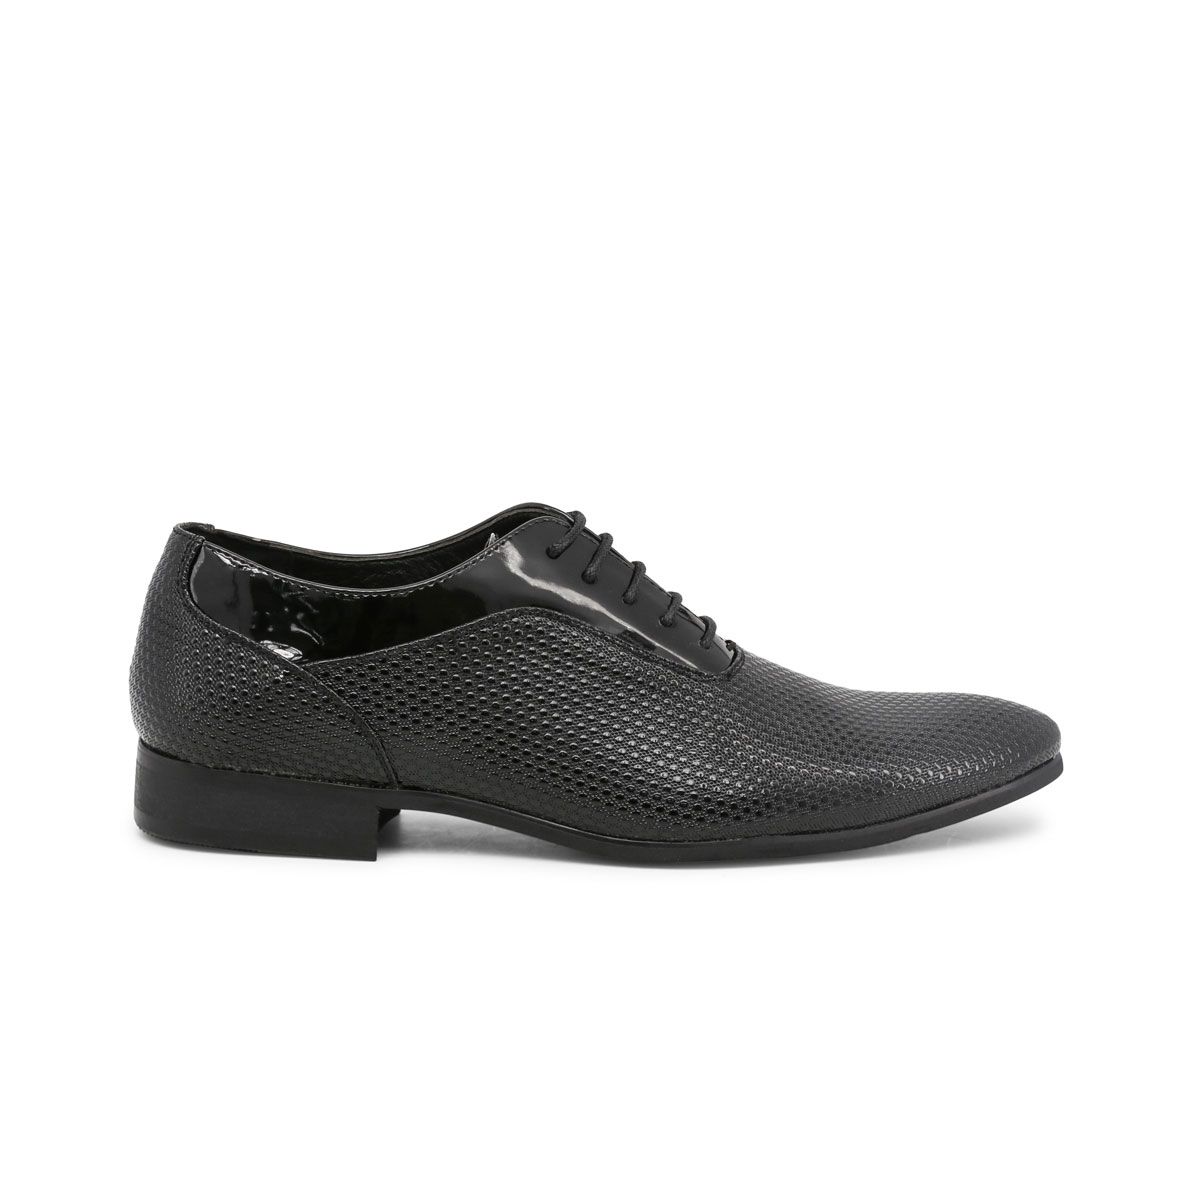 Scarpe-stringate-Duca-di-Morrone-ARTHUR-Uomo-Nero-82357 miniatura 2